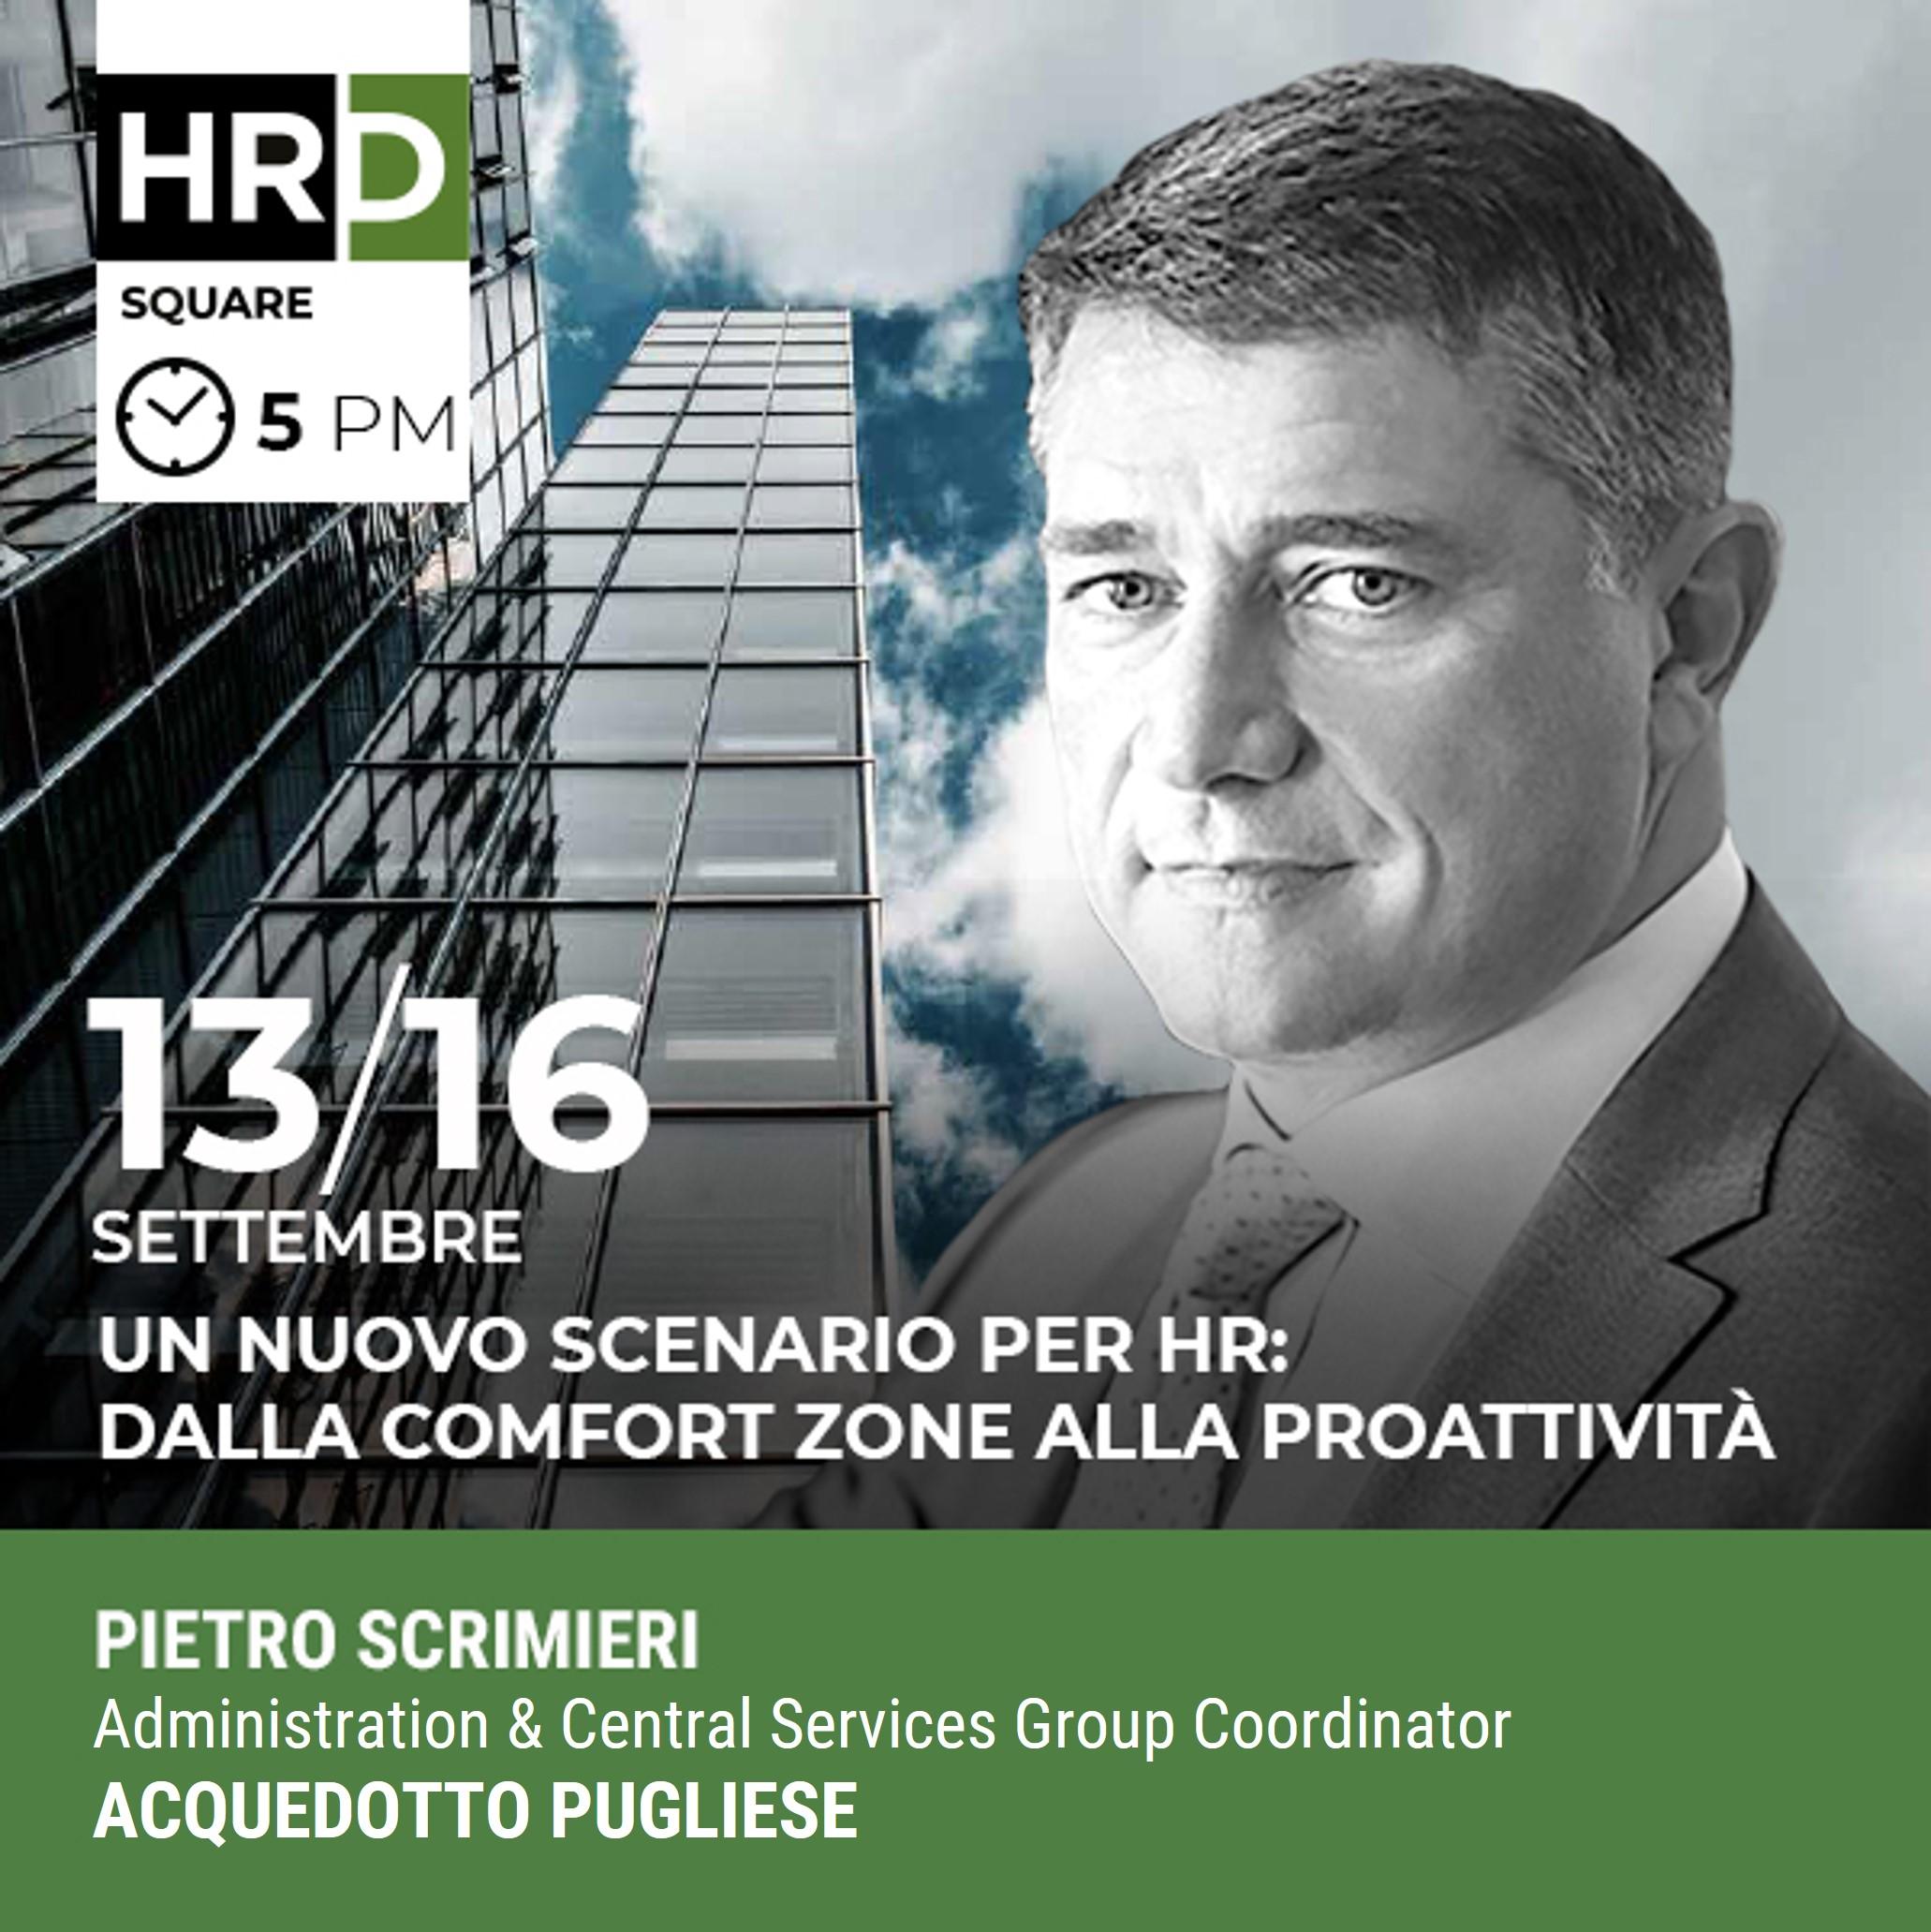 HRD Square - DALLO STATO COMPORTAMENTALE NEUTRO A QUELLO PROATTIVO: FROM COMFORT ...